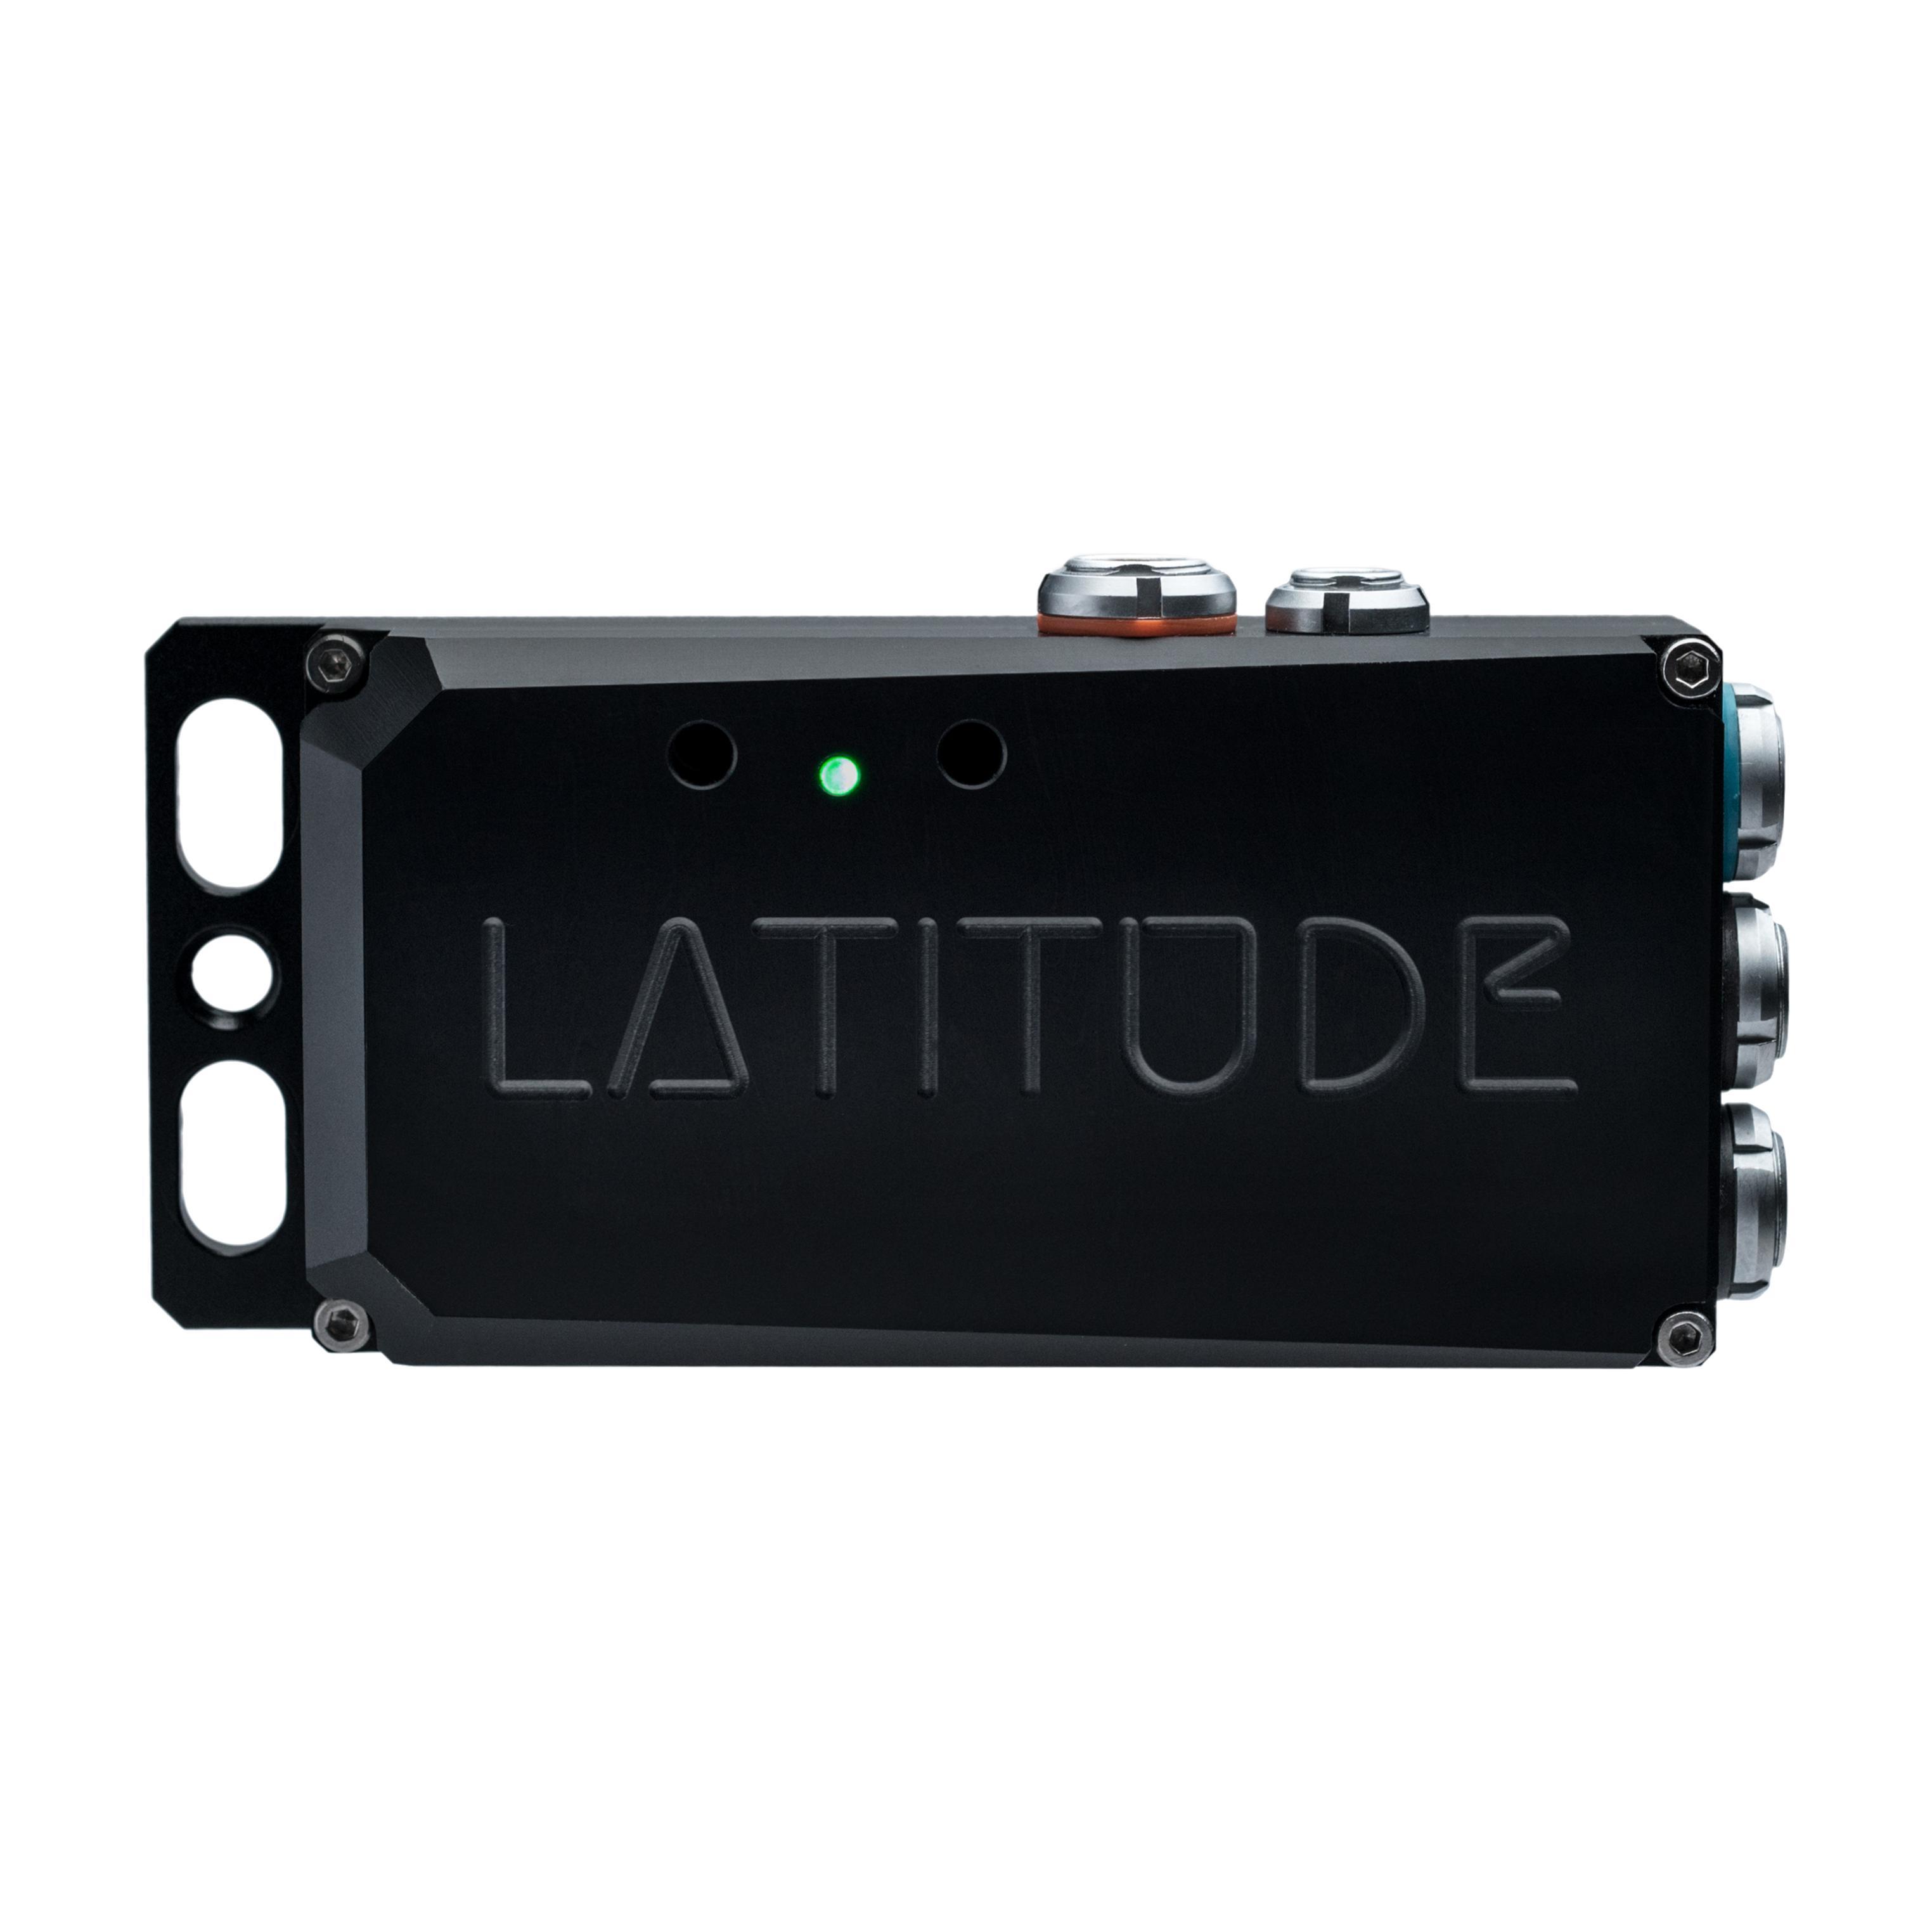 Latitude_M_Head_bga_3048x_progressive_png